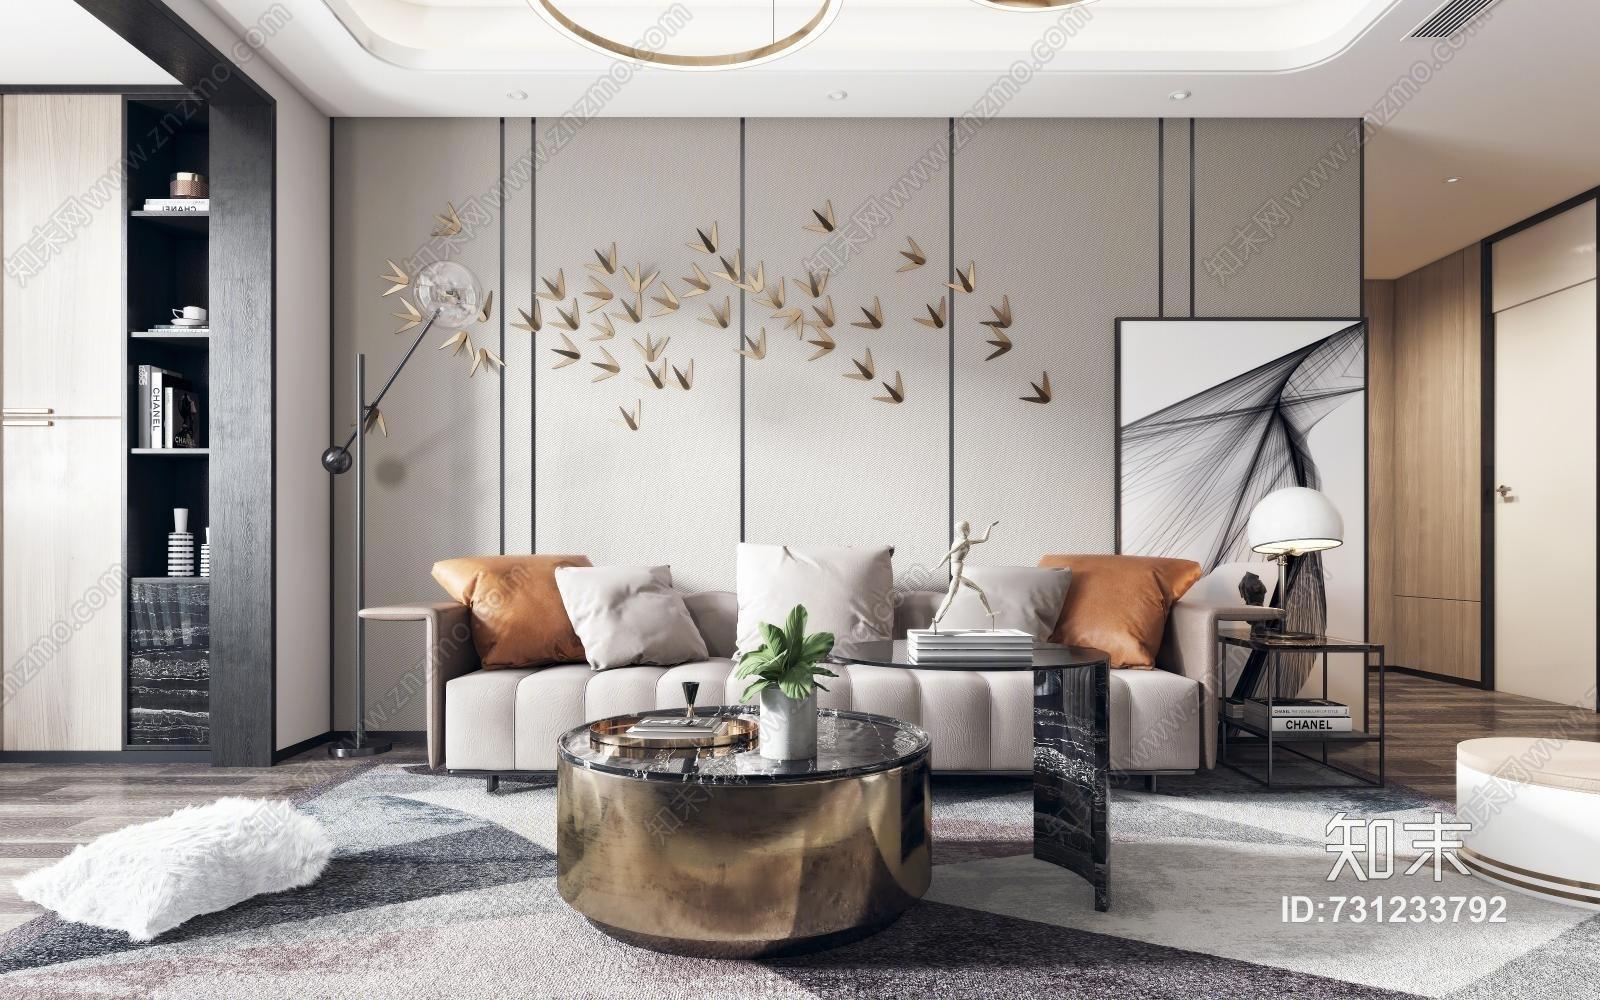 后现代客厅 沙发茶几 吊灯 墙饰